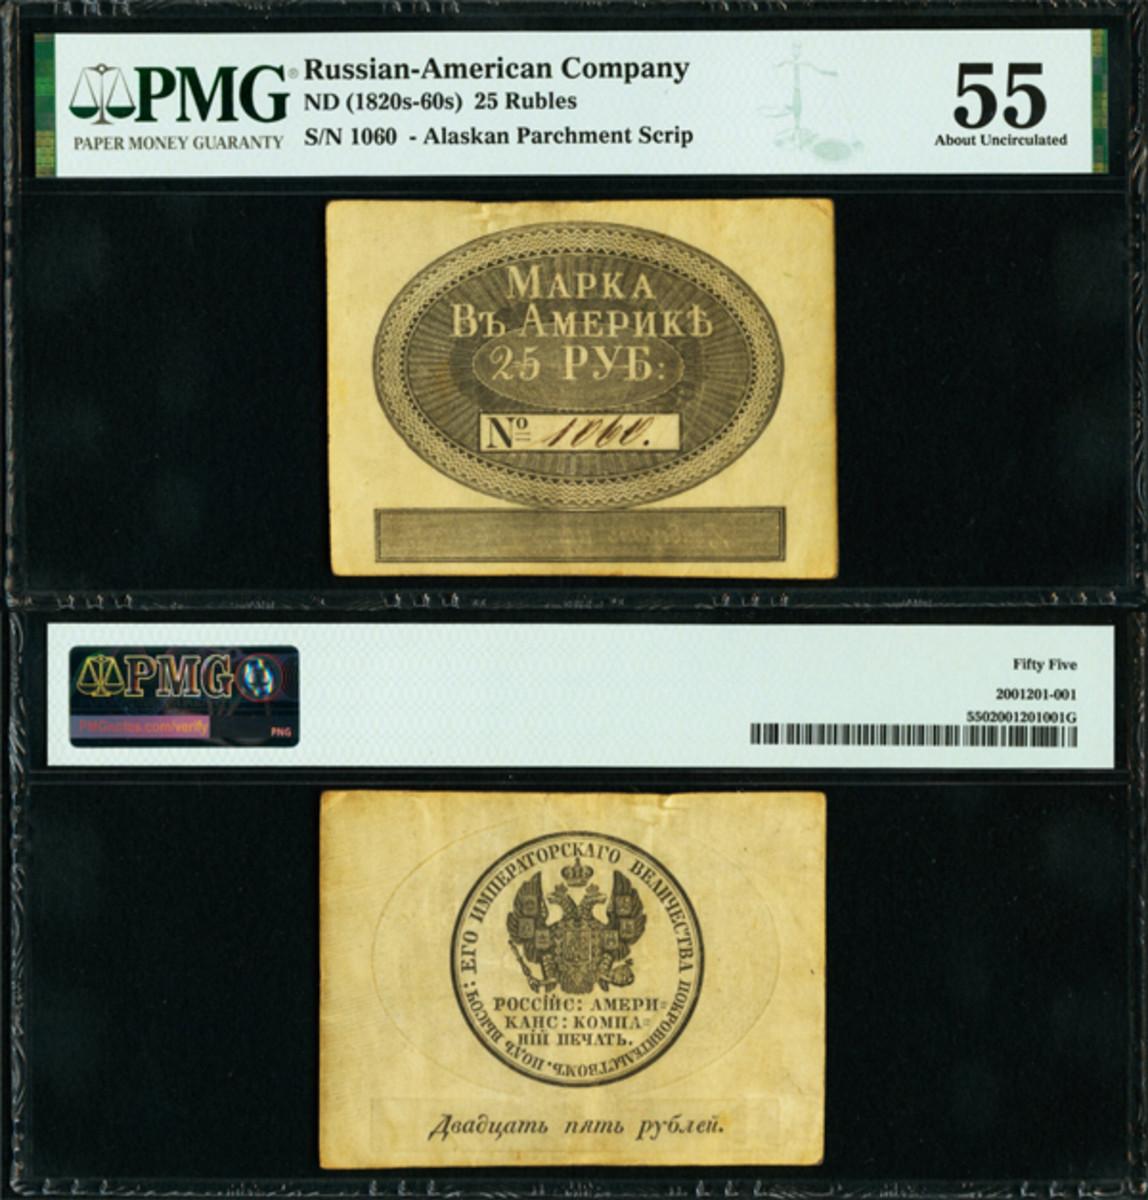 Alaskan parchment scrip Russian-American Company ND (1816-1867) 25 Rubles